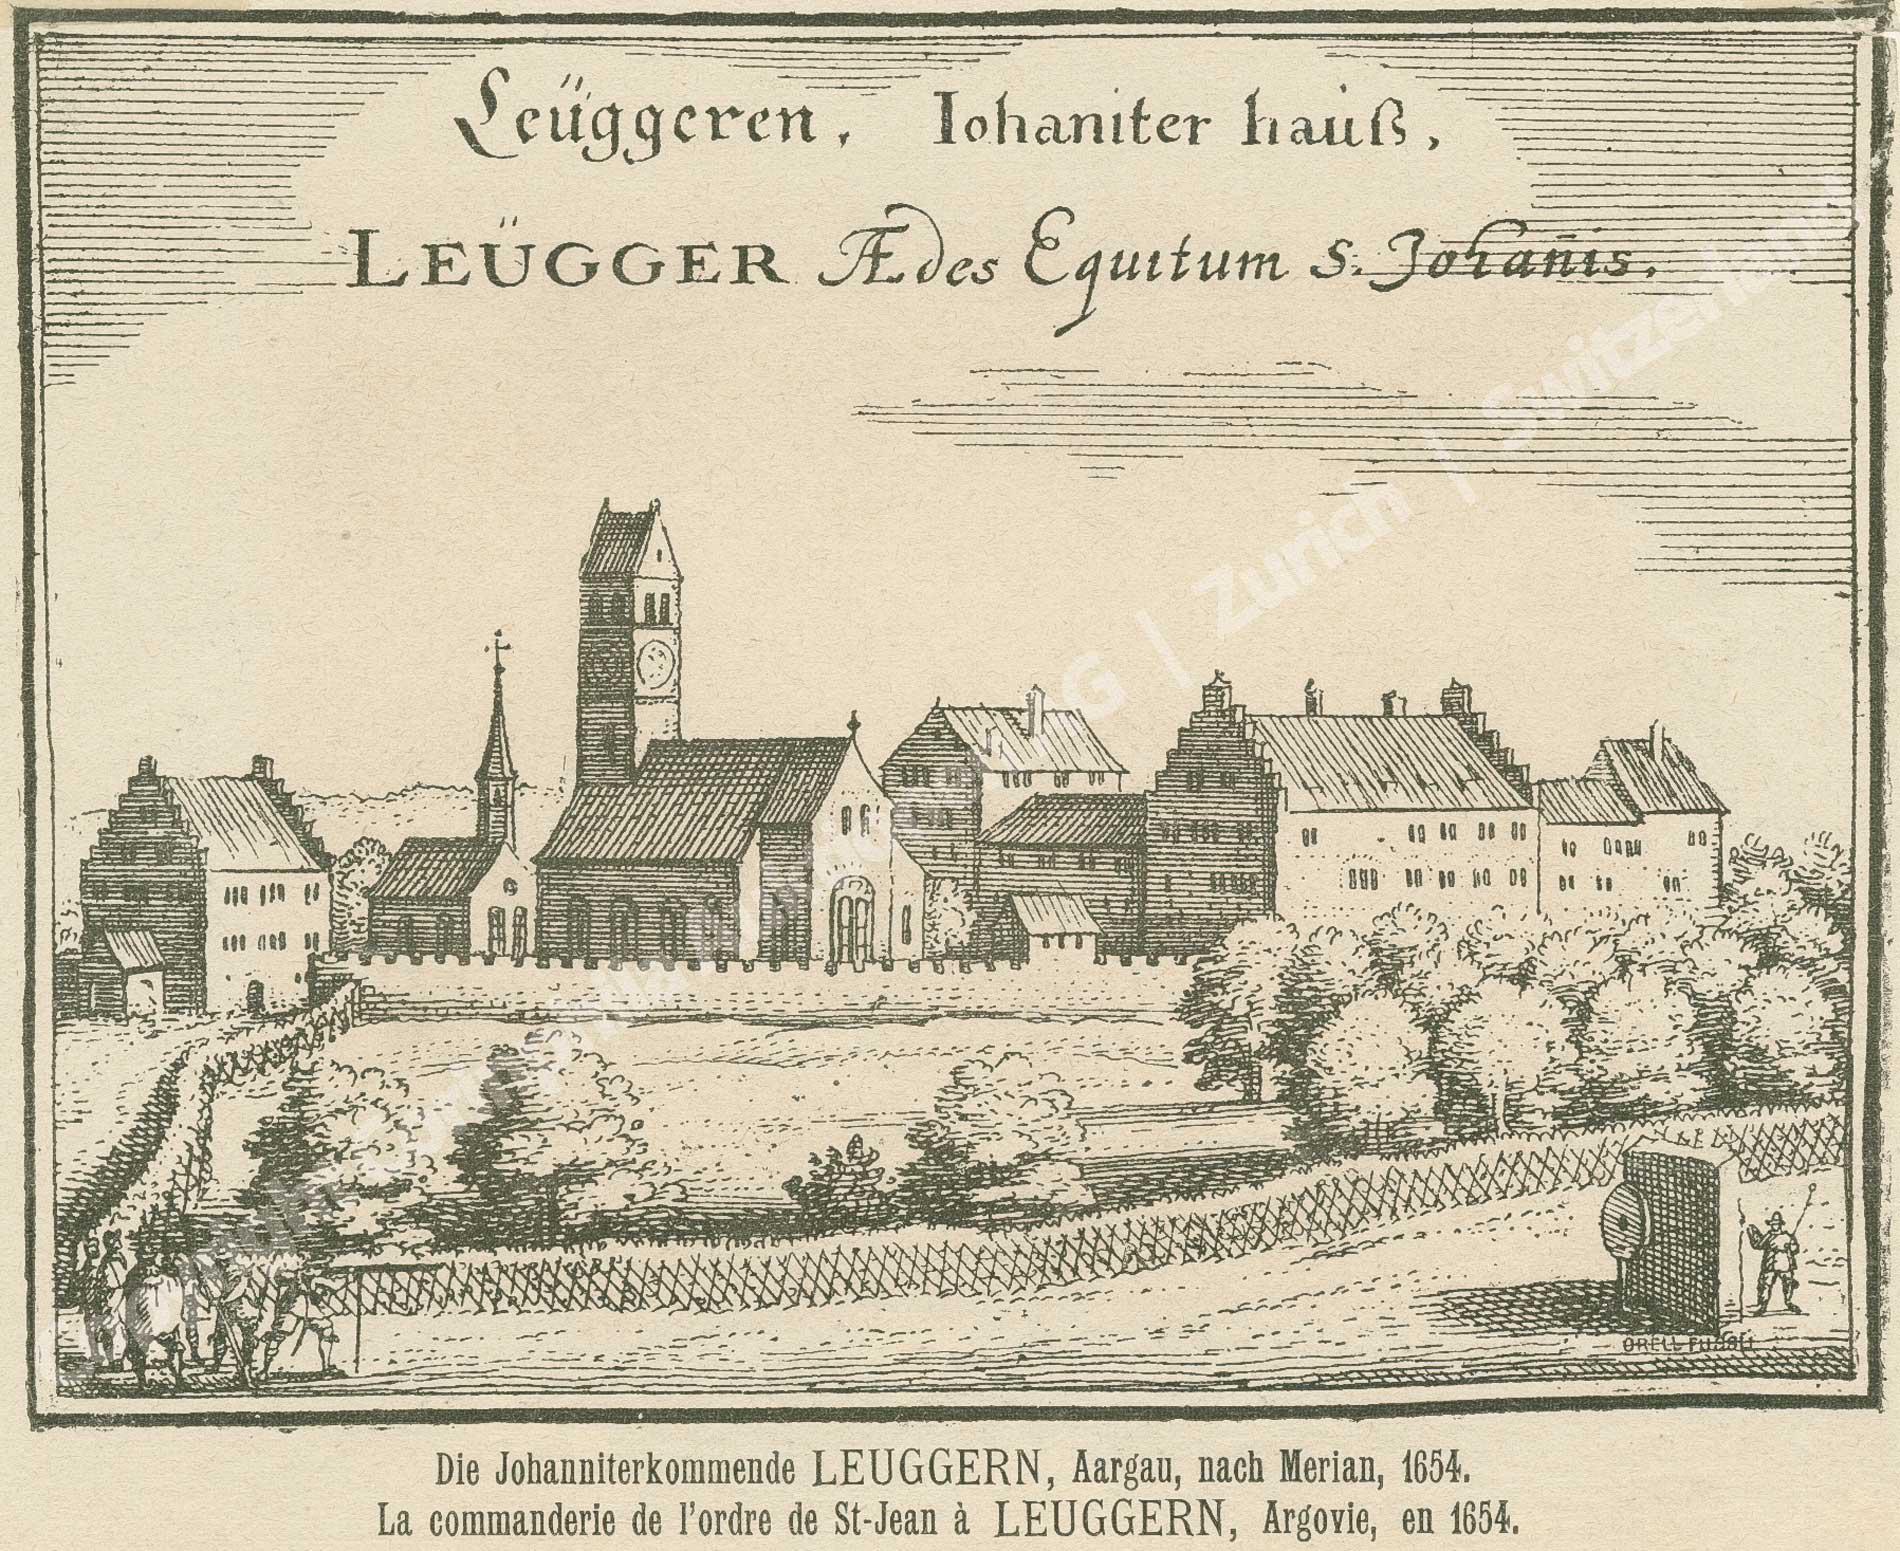 Leuggern